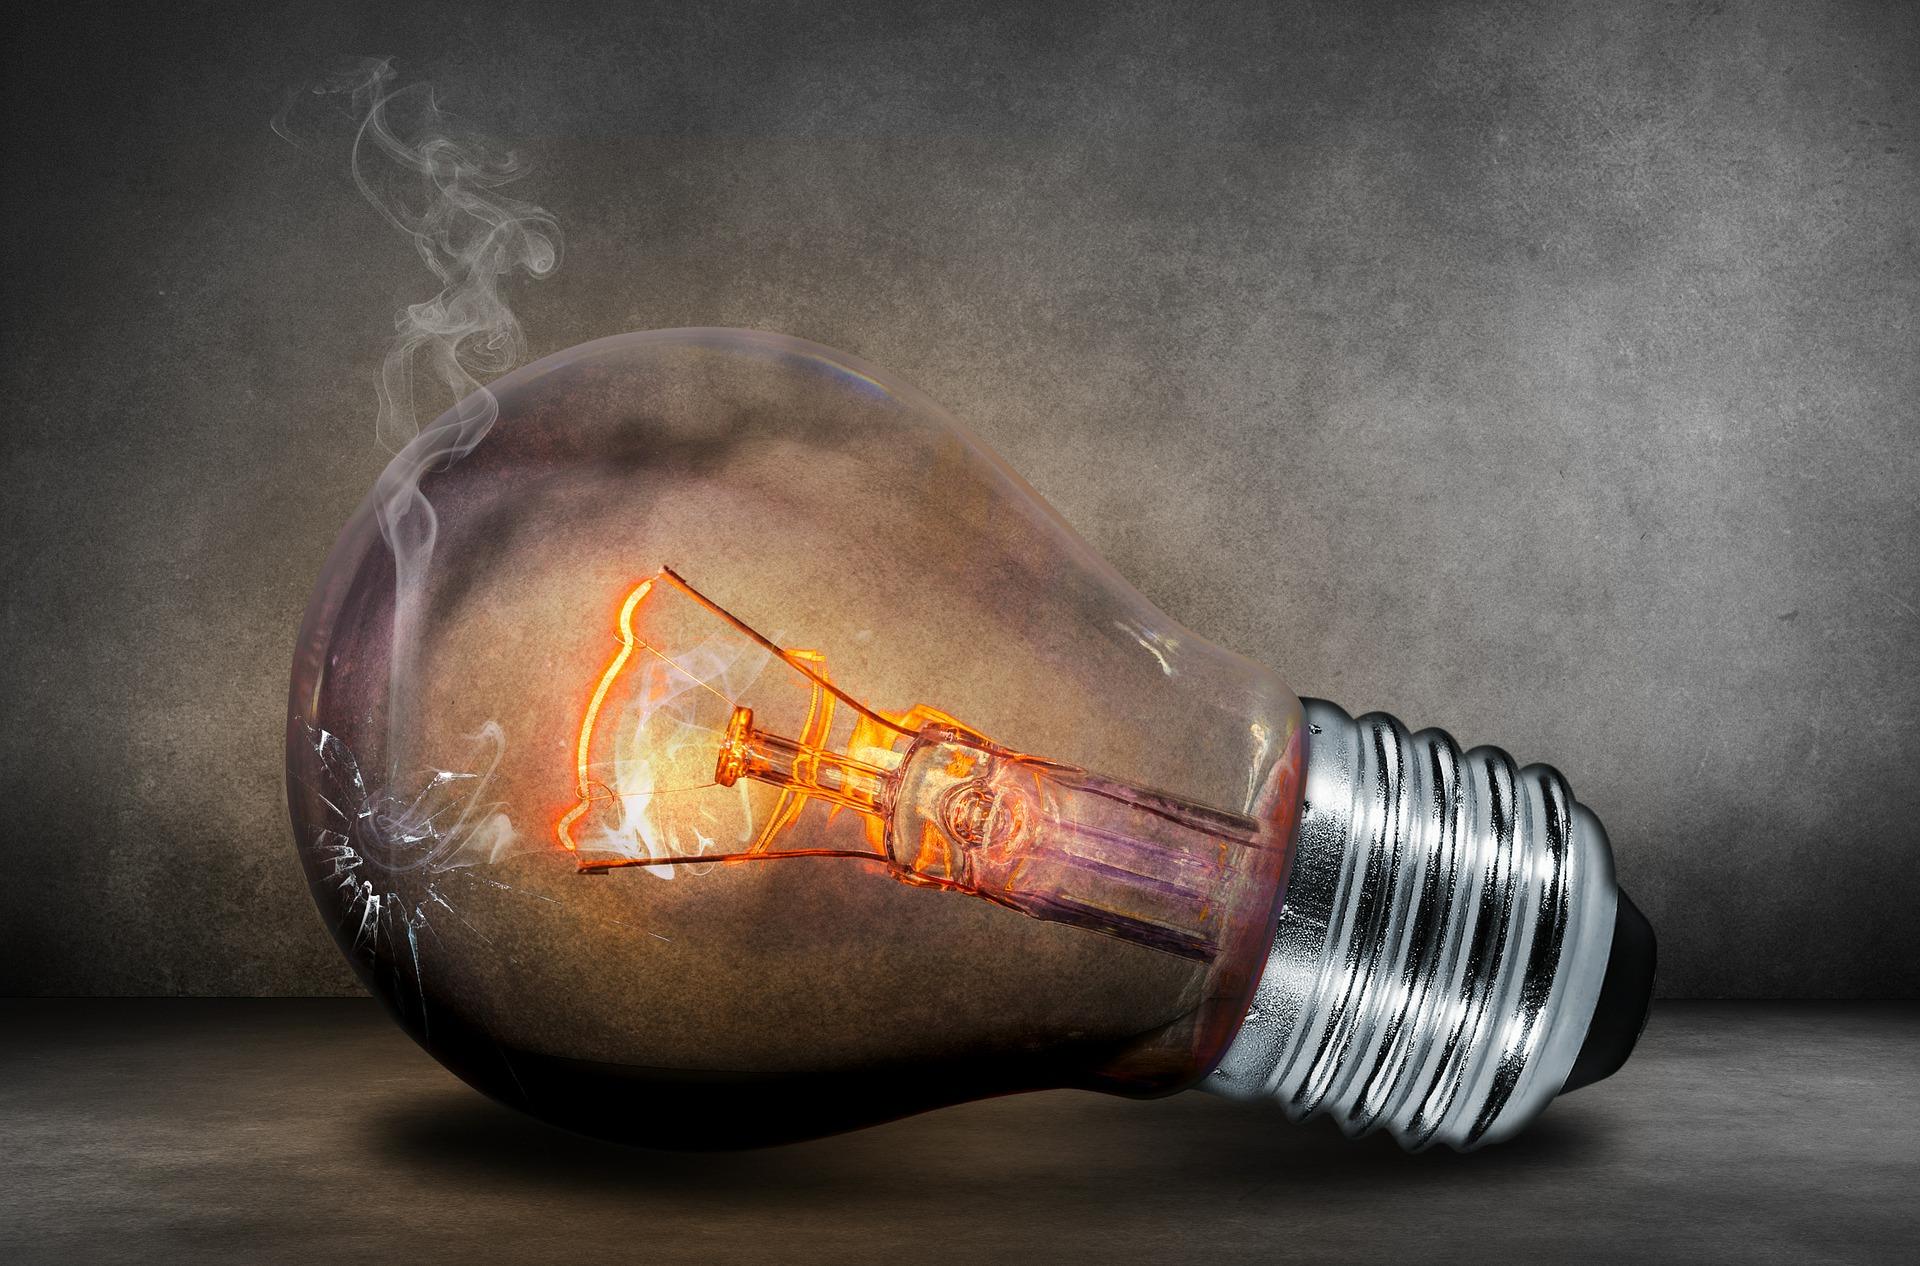 Cz elektrodrošības grupa